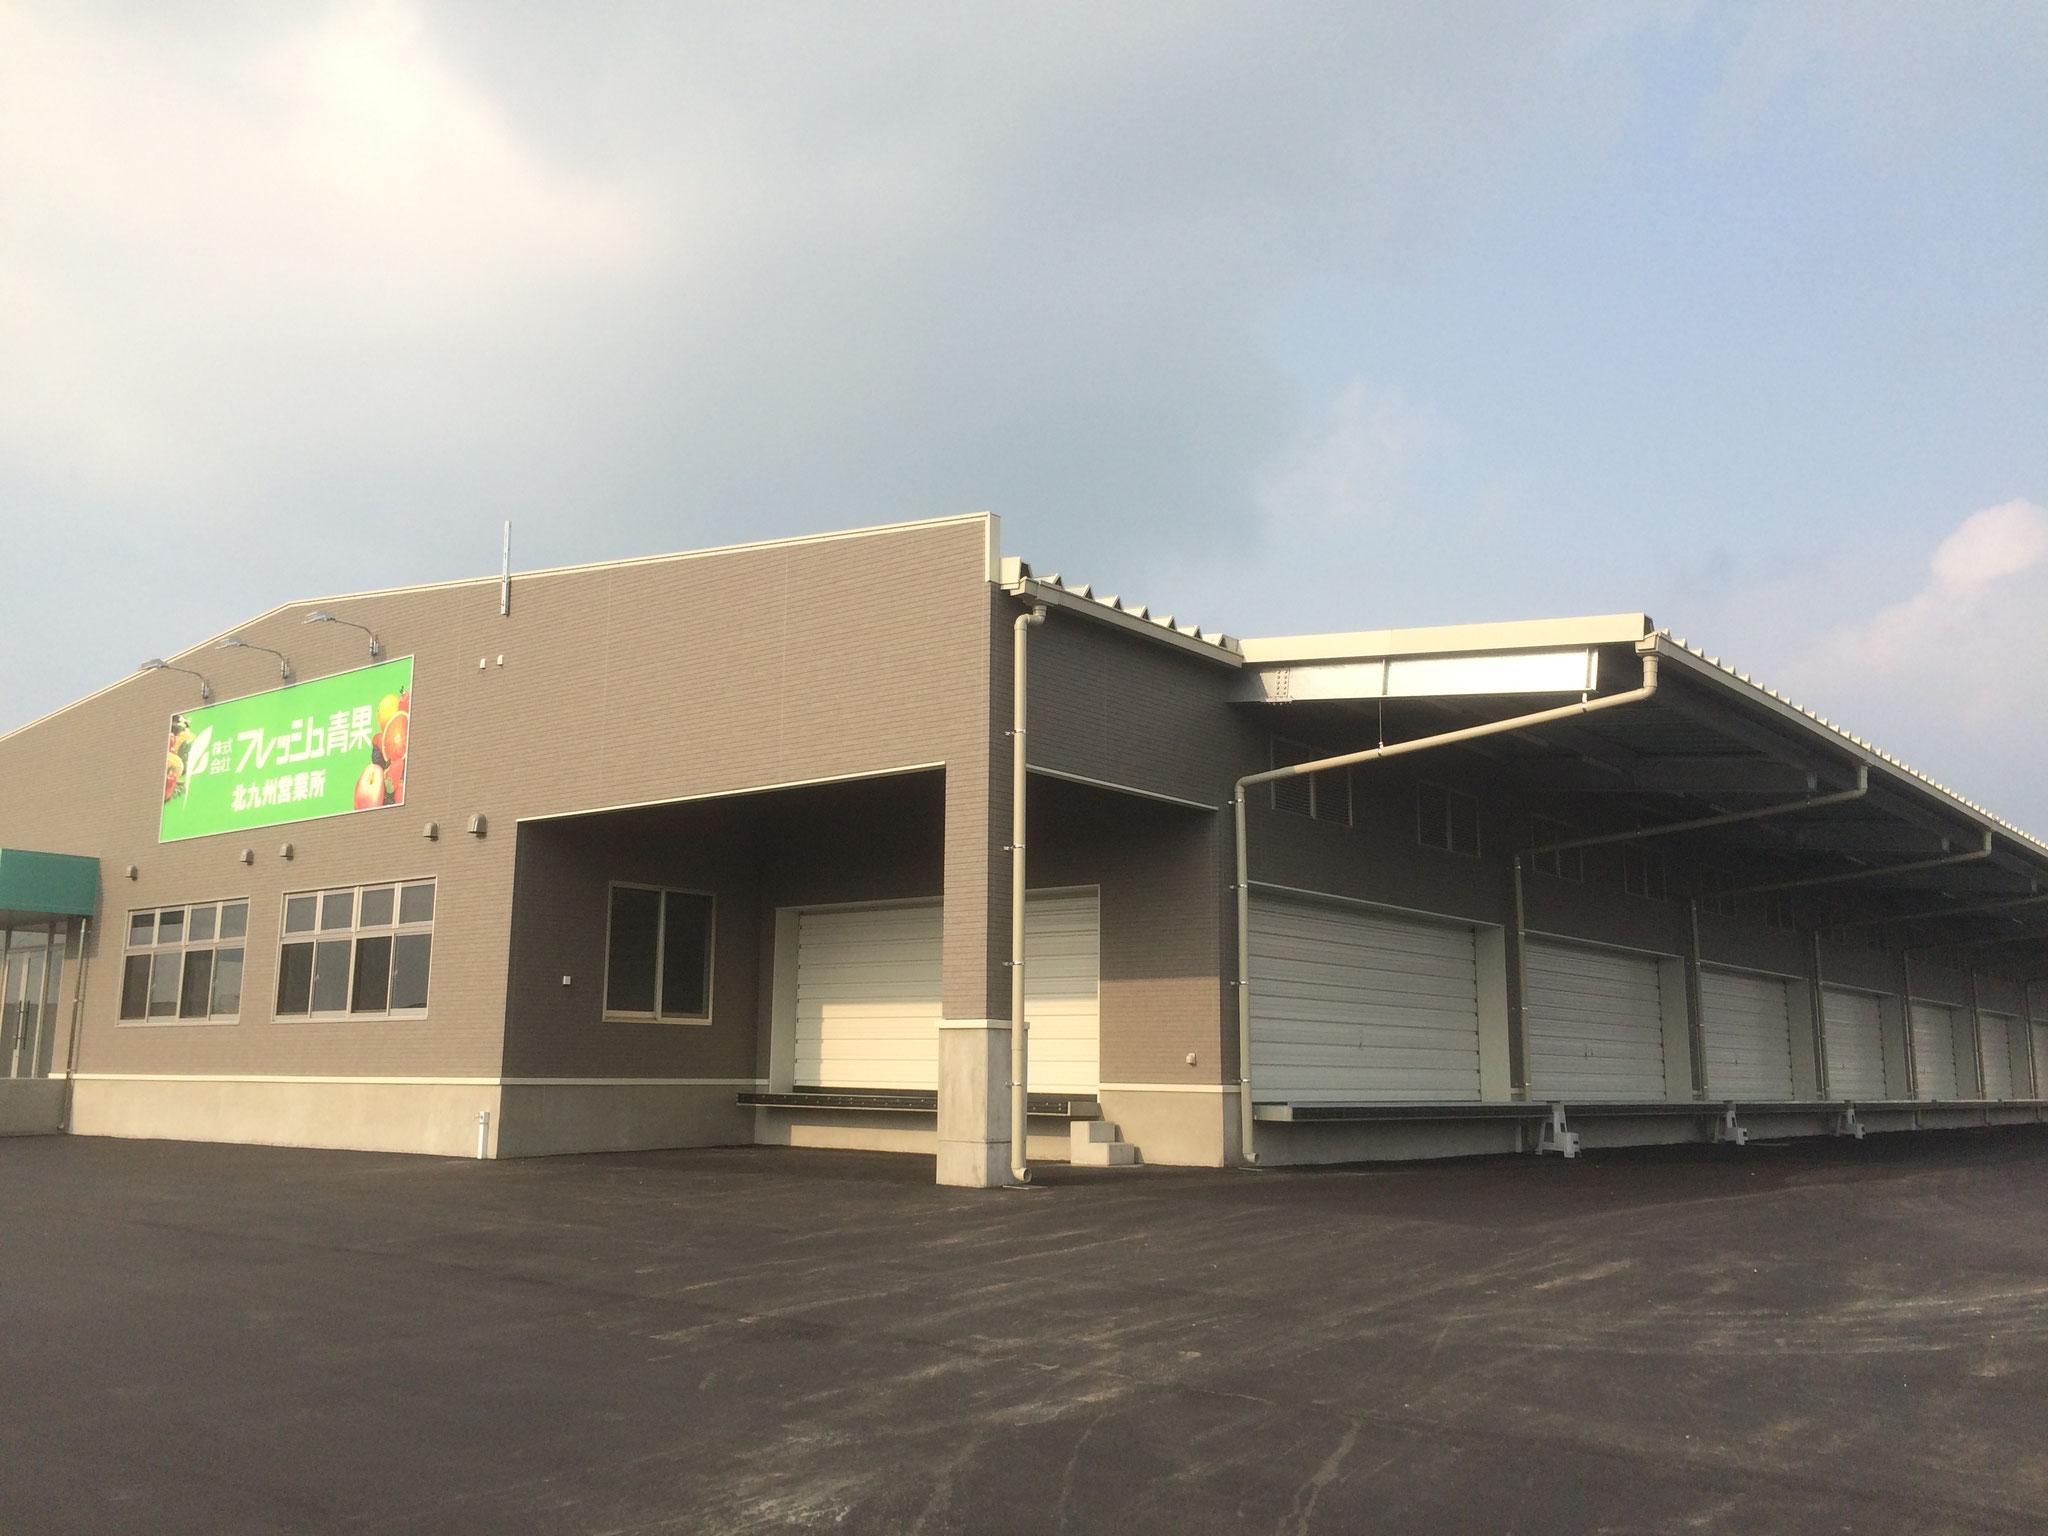 事務所&定温倉庫:屋根遮熱・定温倉庫遮熱(天井・壁・床)施工